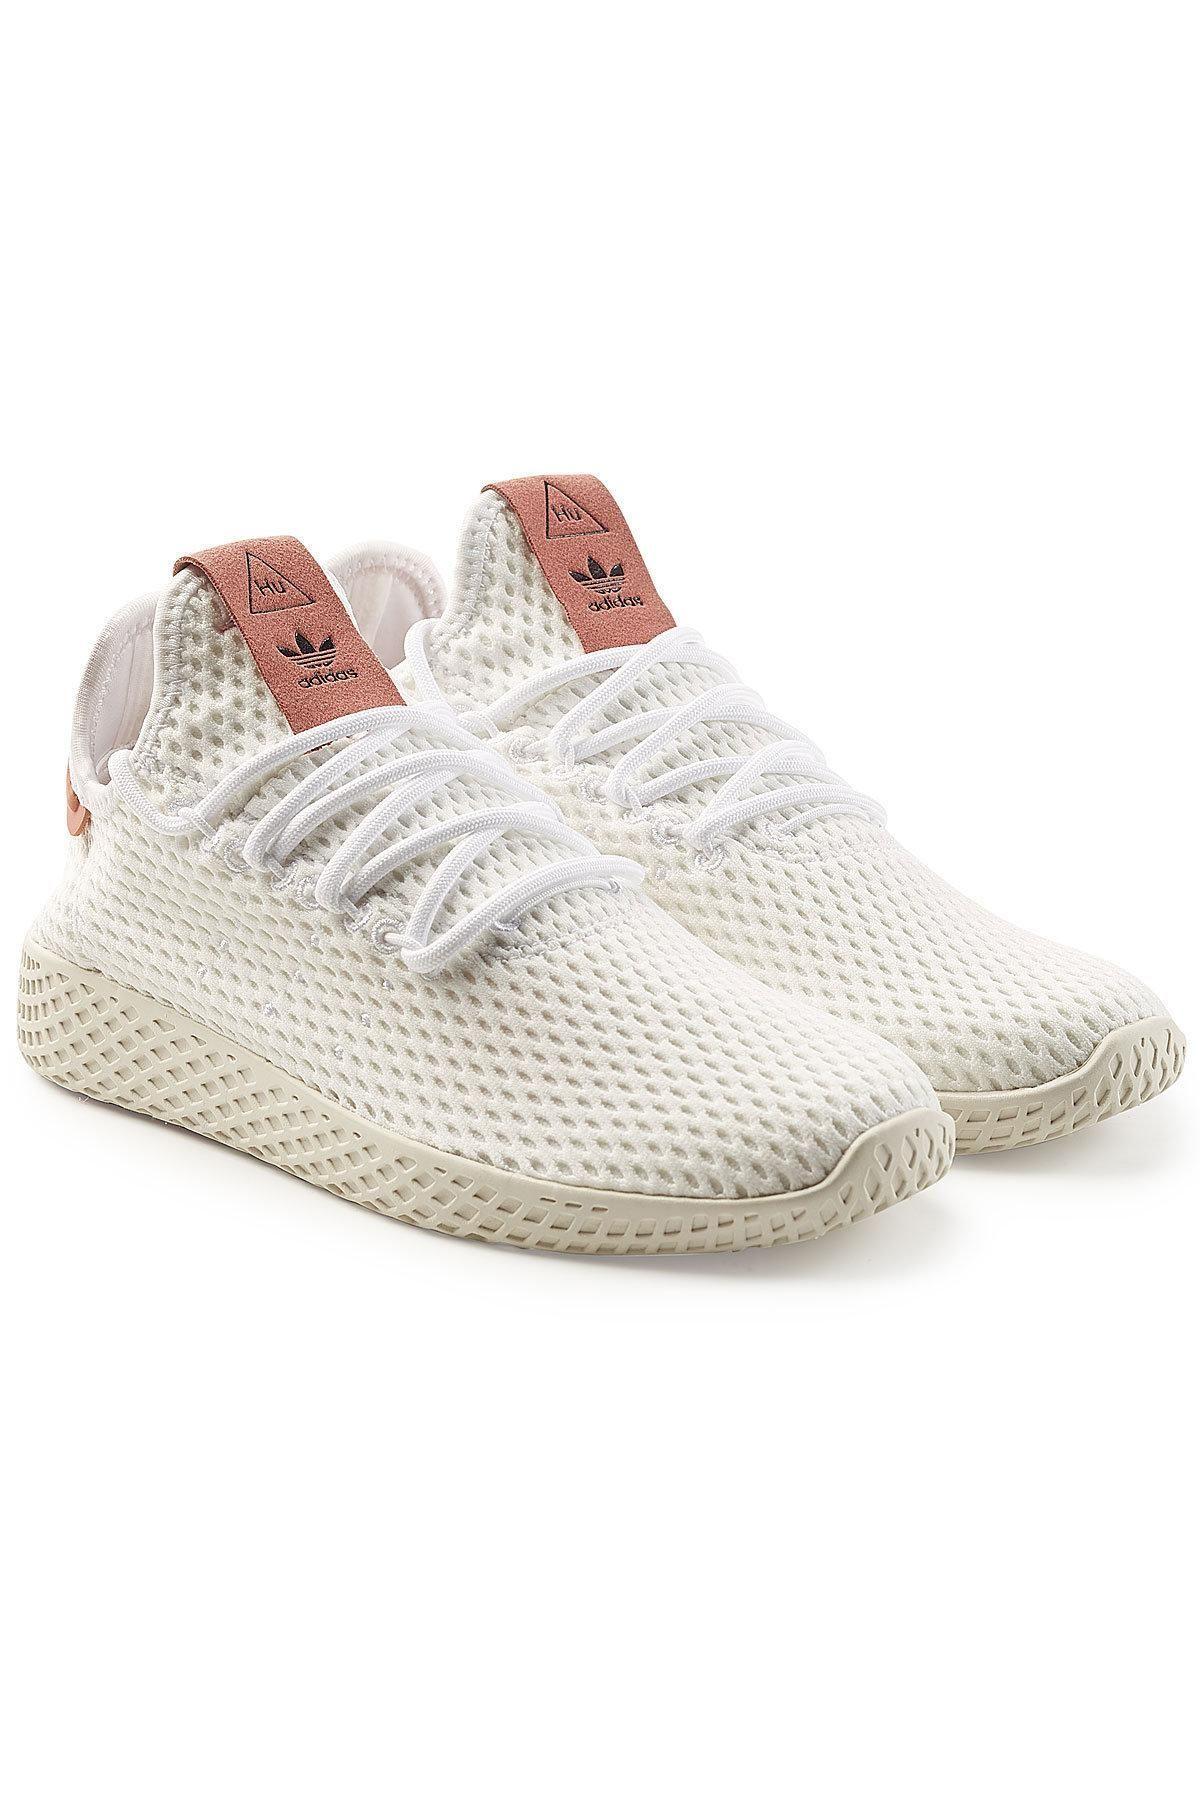 new style e0172 42908 STYLEBOP.com (DE) - adidas Originals Adidas Originals X Pharrell Williams  Sneakers HU - AdoreWe.com